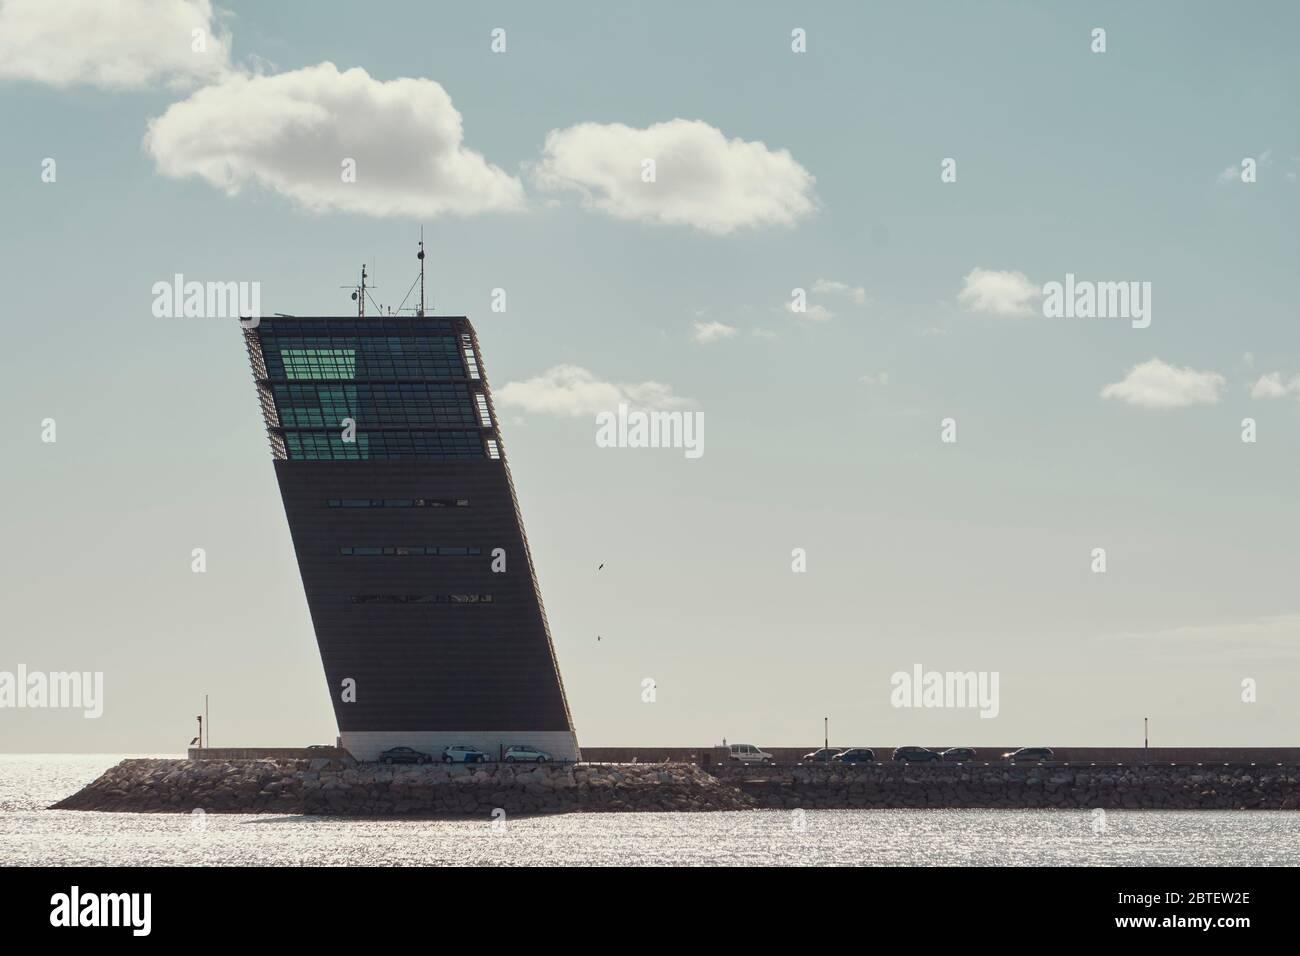 Centro de control e tráfego maritimo de Lisboa - imagen de la torre de control marino de Lisboa durante el tiempo soleado Foto de stock